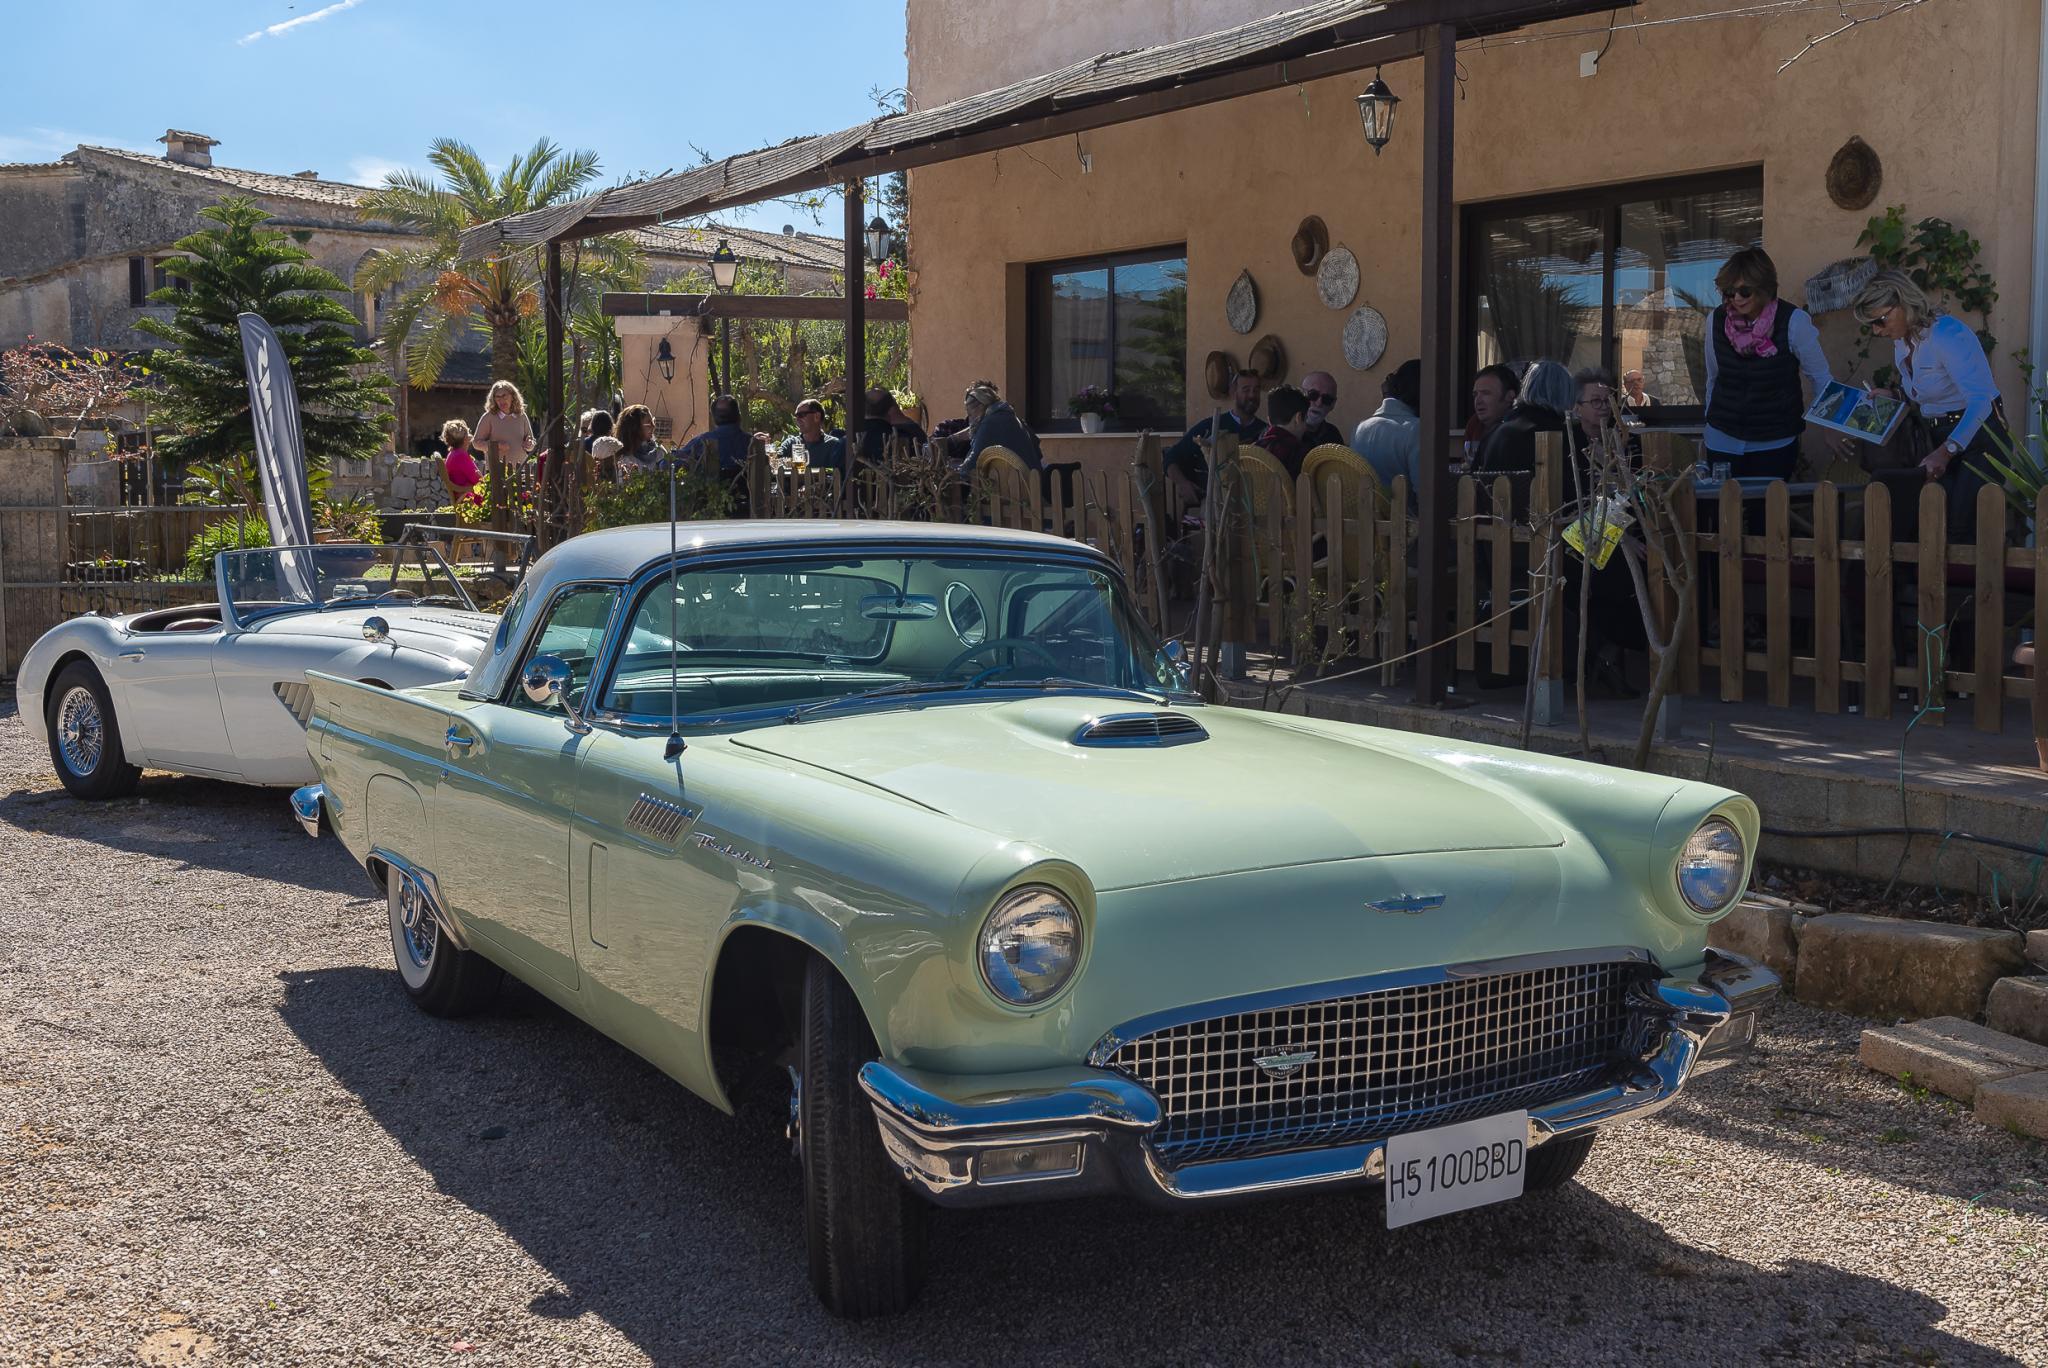 Ford Thunderbird and Austin Healey